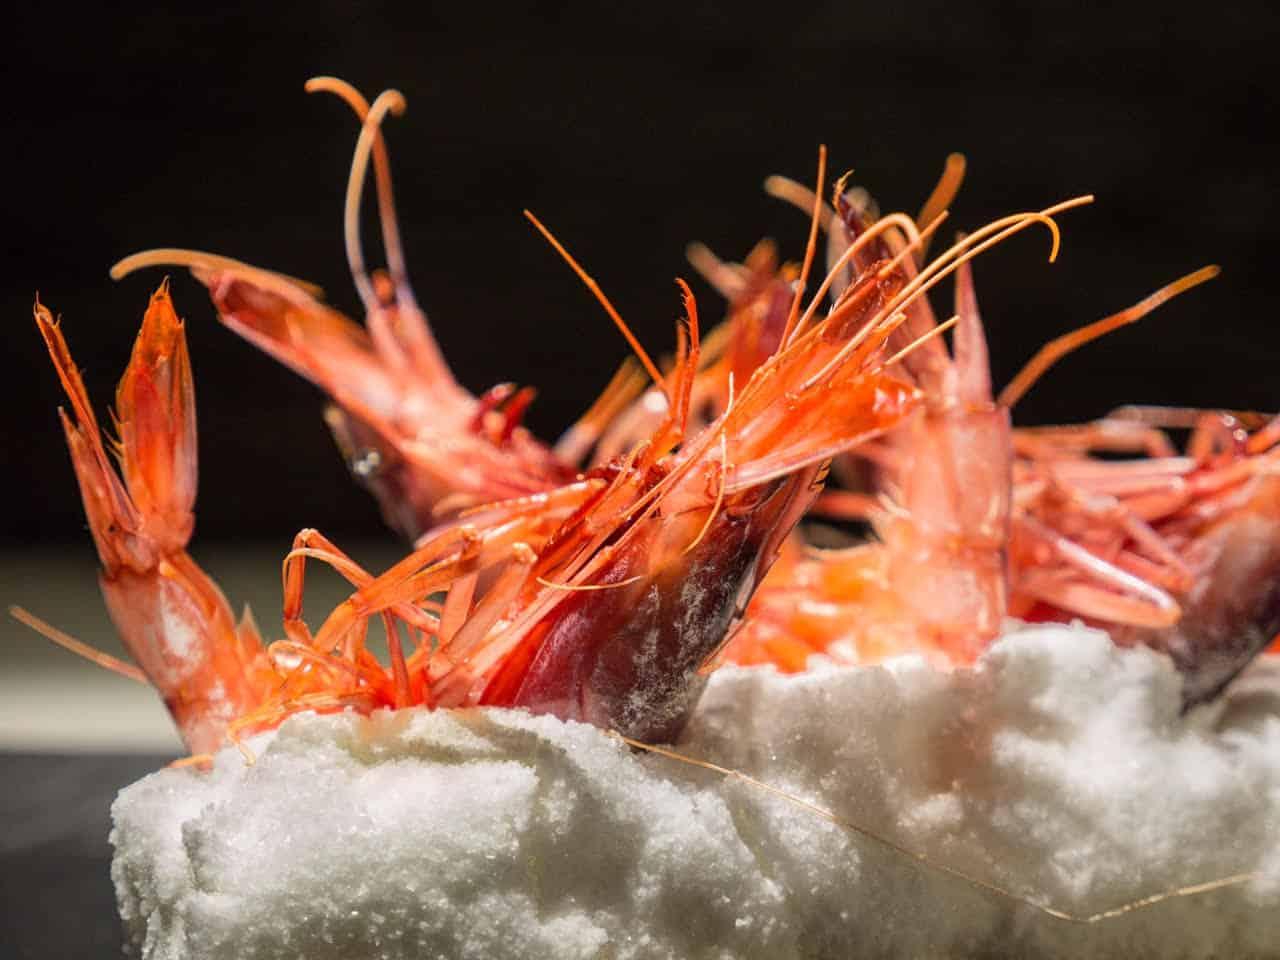 Koy Shunka Shrimp